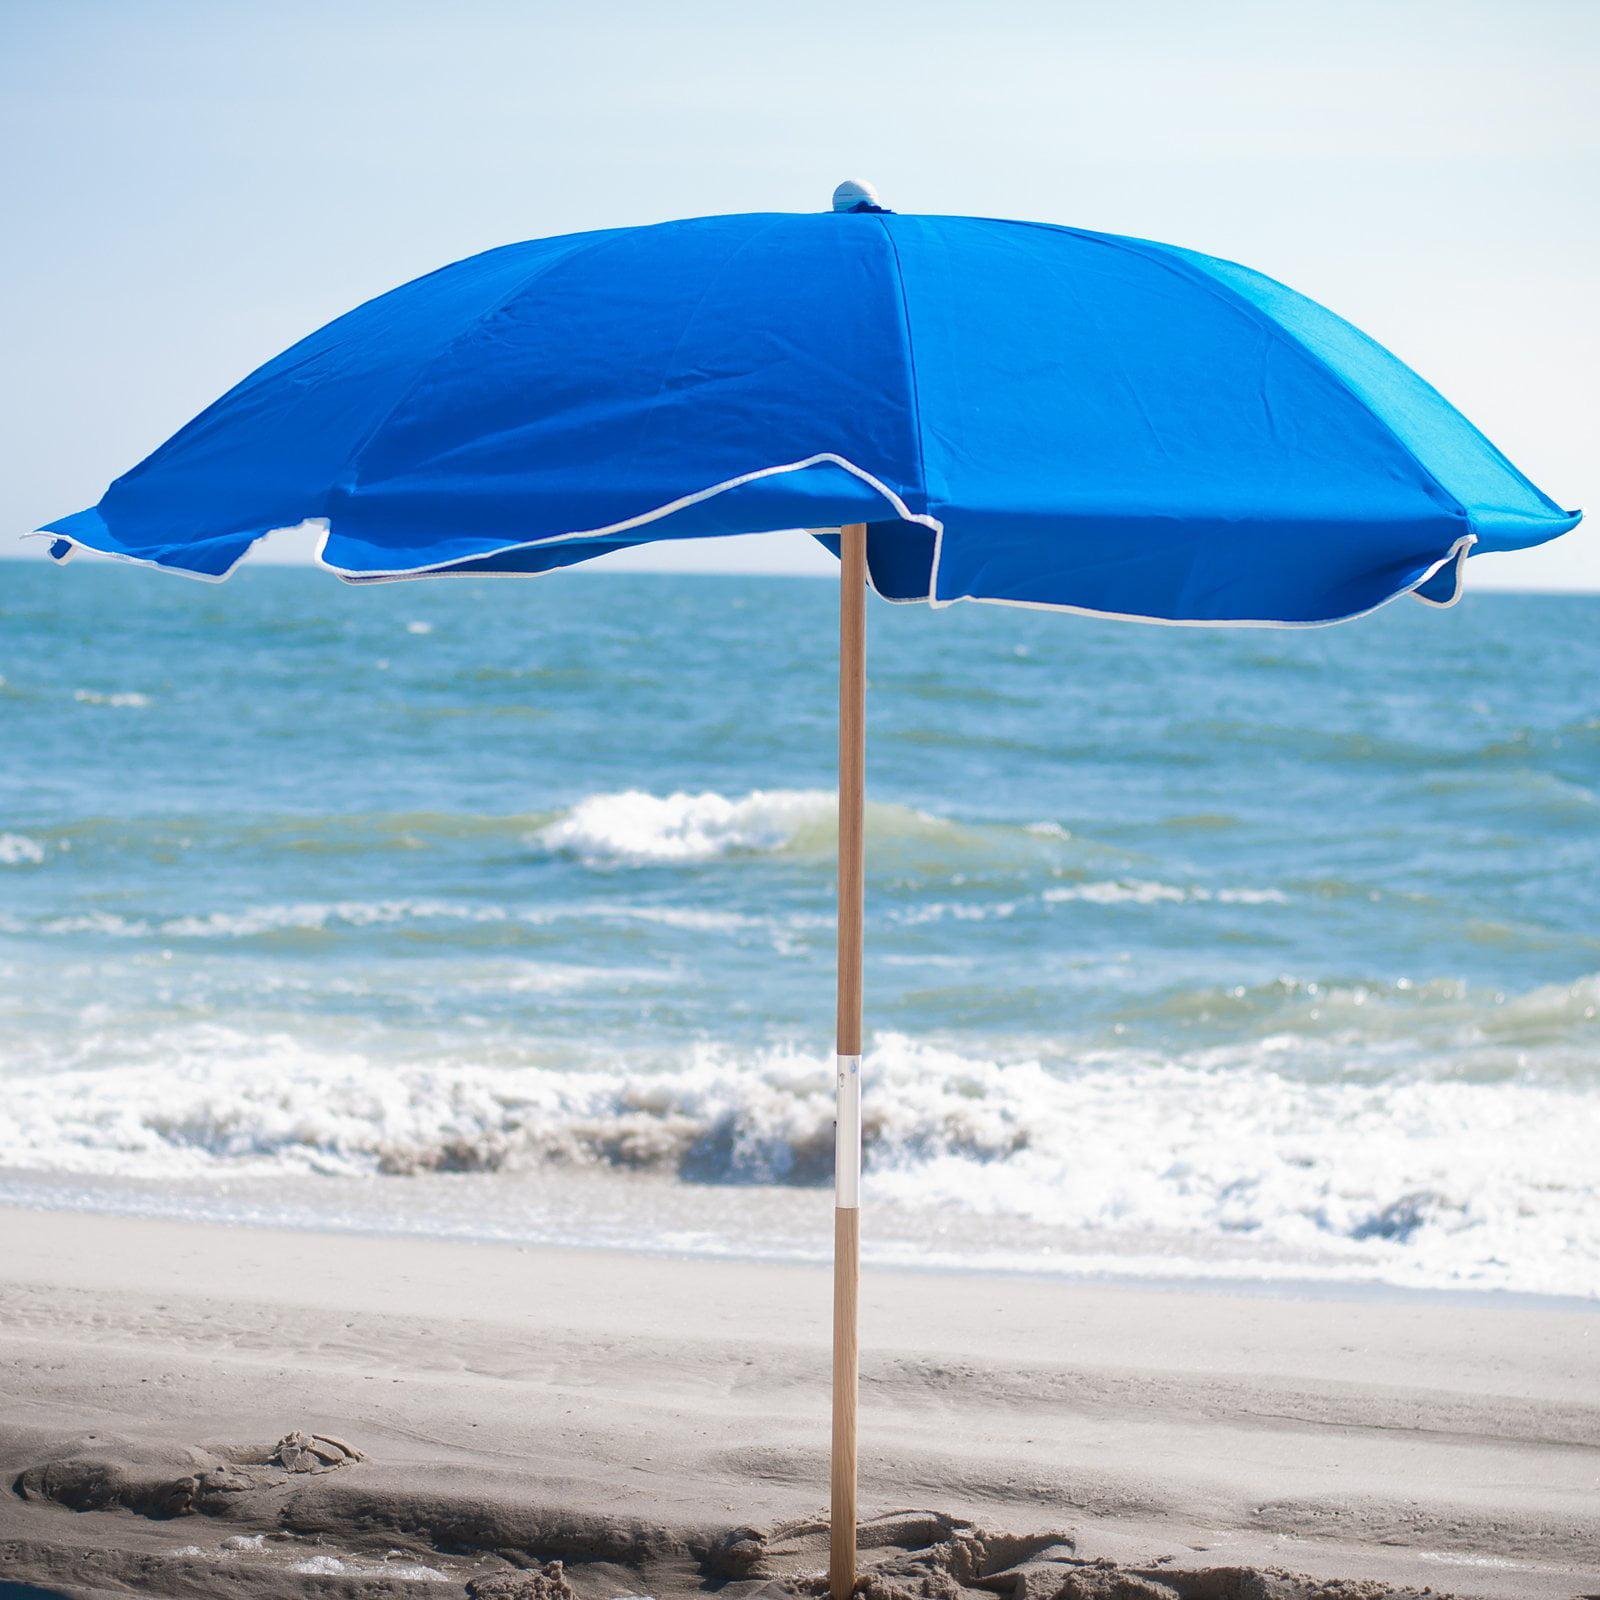 Frankford Umbrella 7.5 ft. Fiberglass Rib Commercial Grade Beach Umbrella with Ash Wood Pole